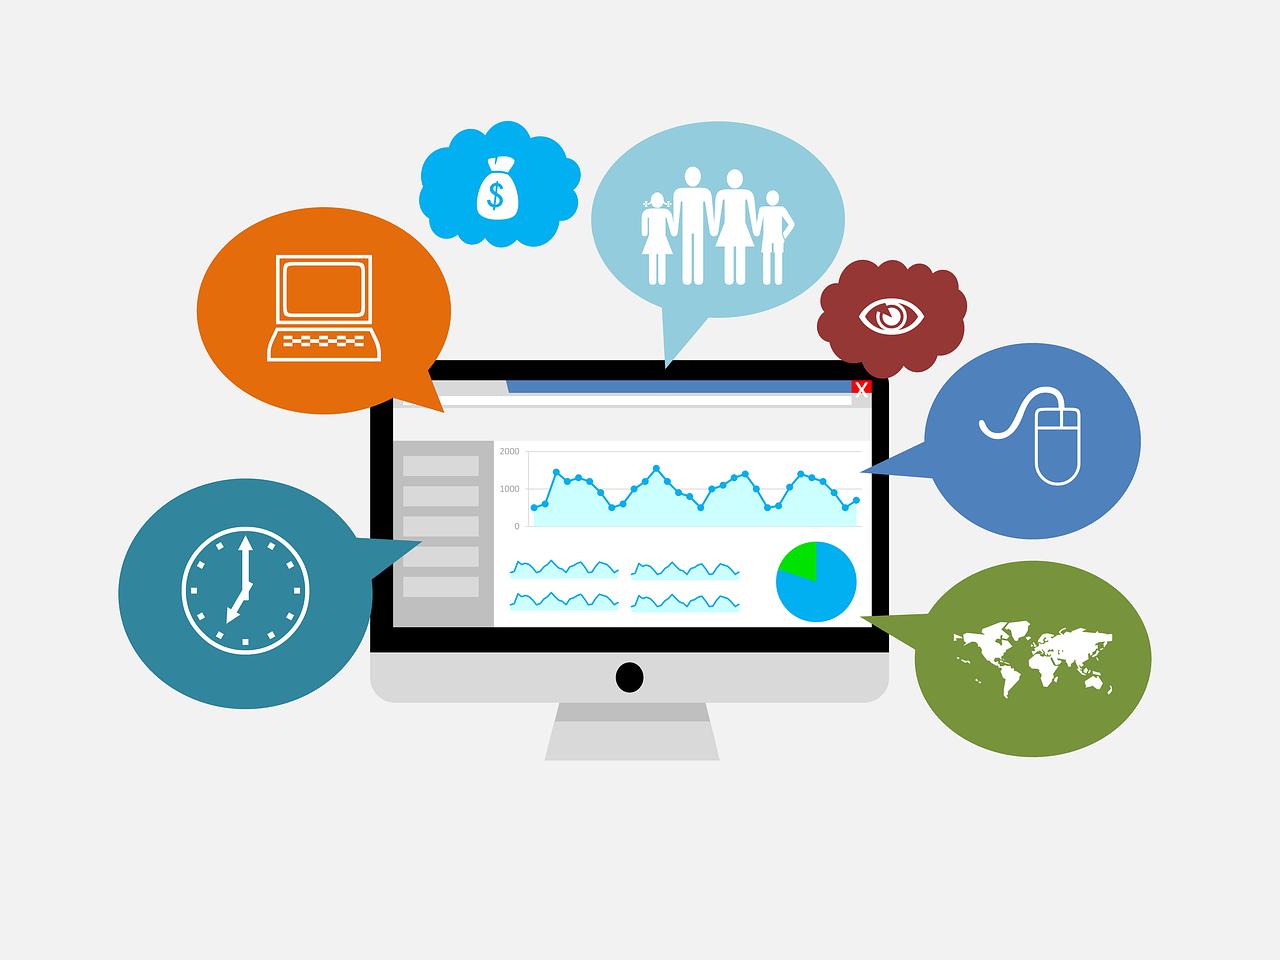 Jak wybrać agencję do tworzenia firmowej strony internetowej?